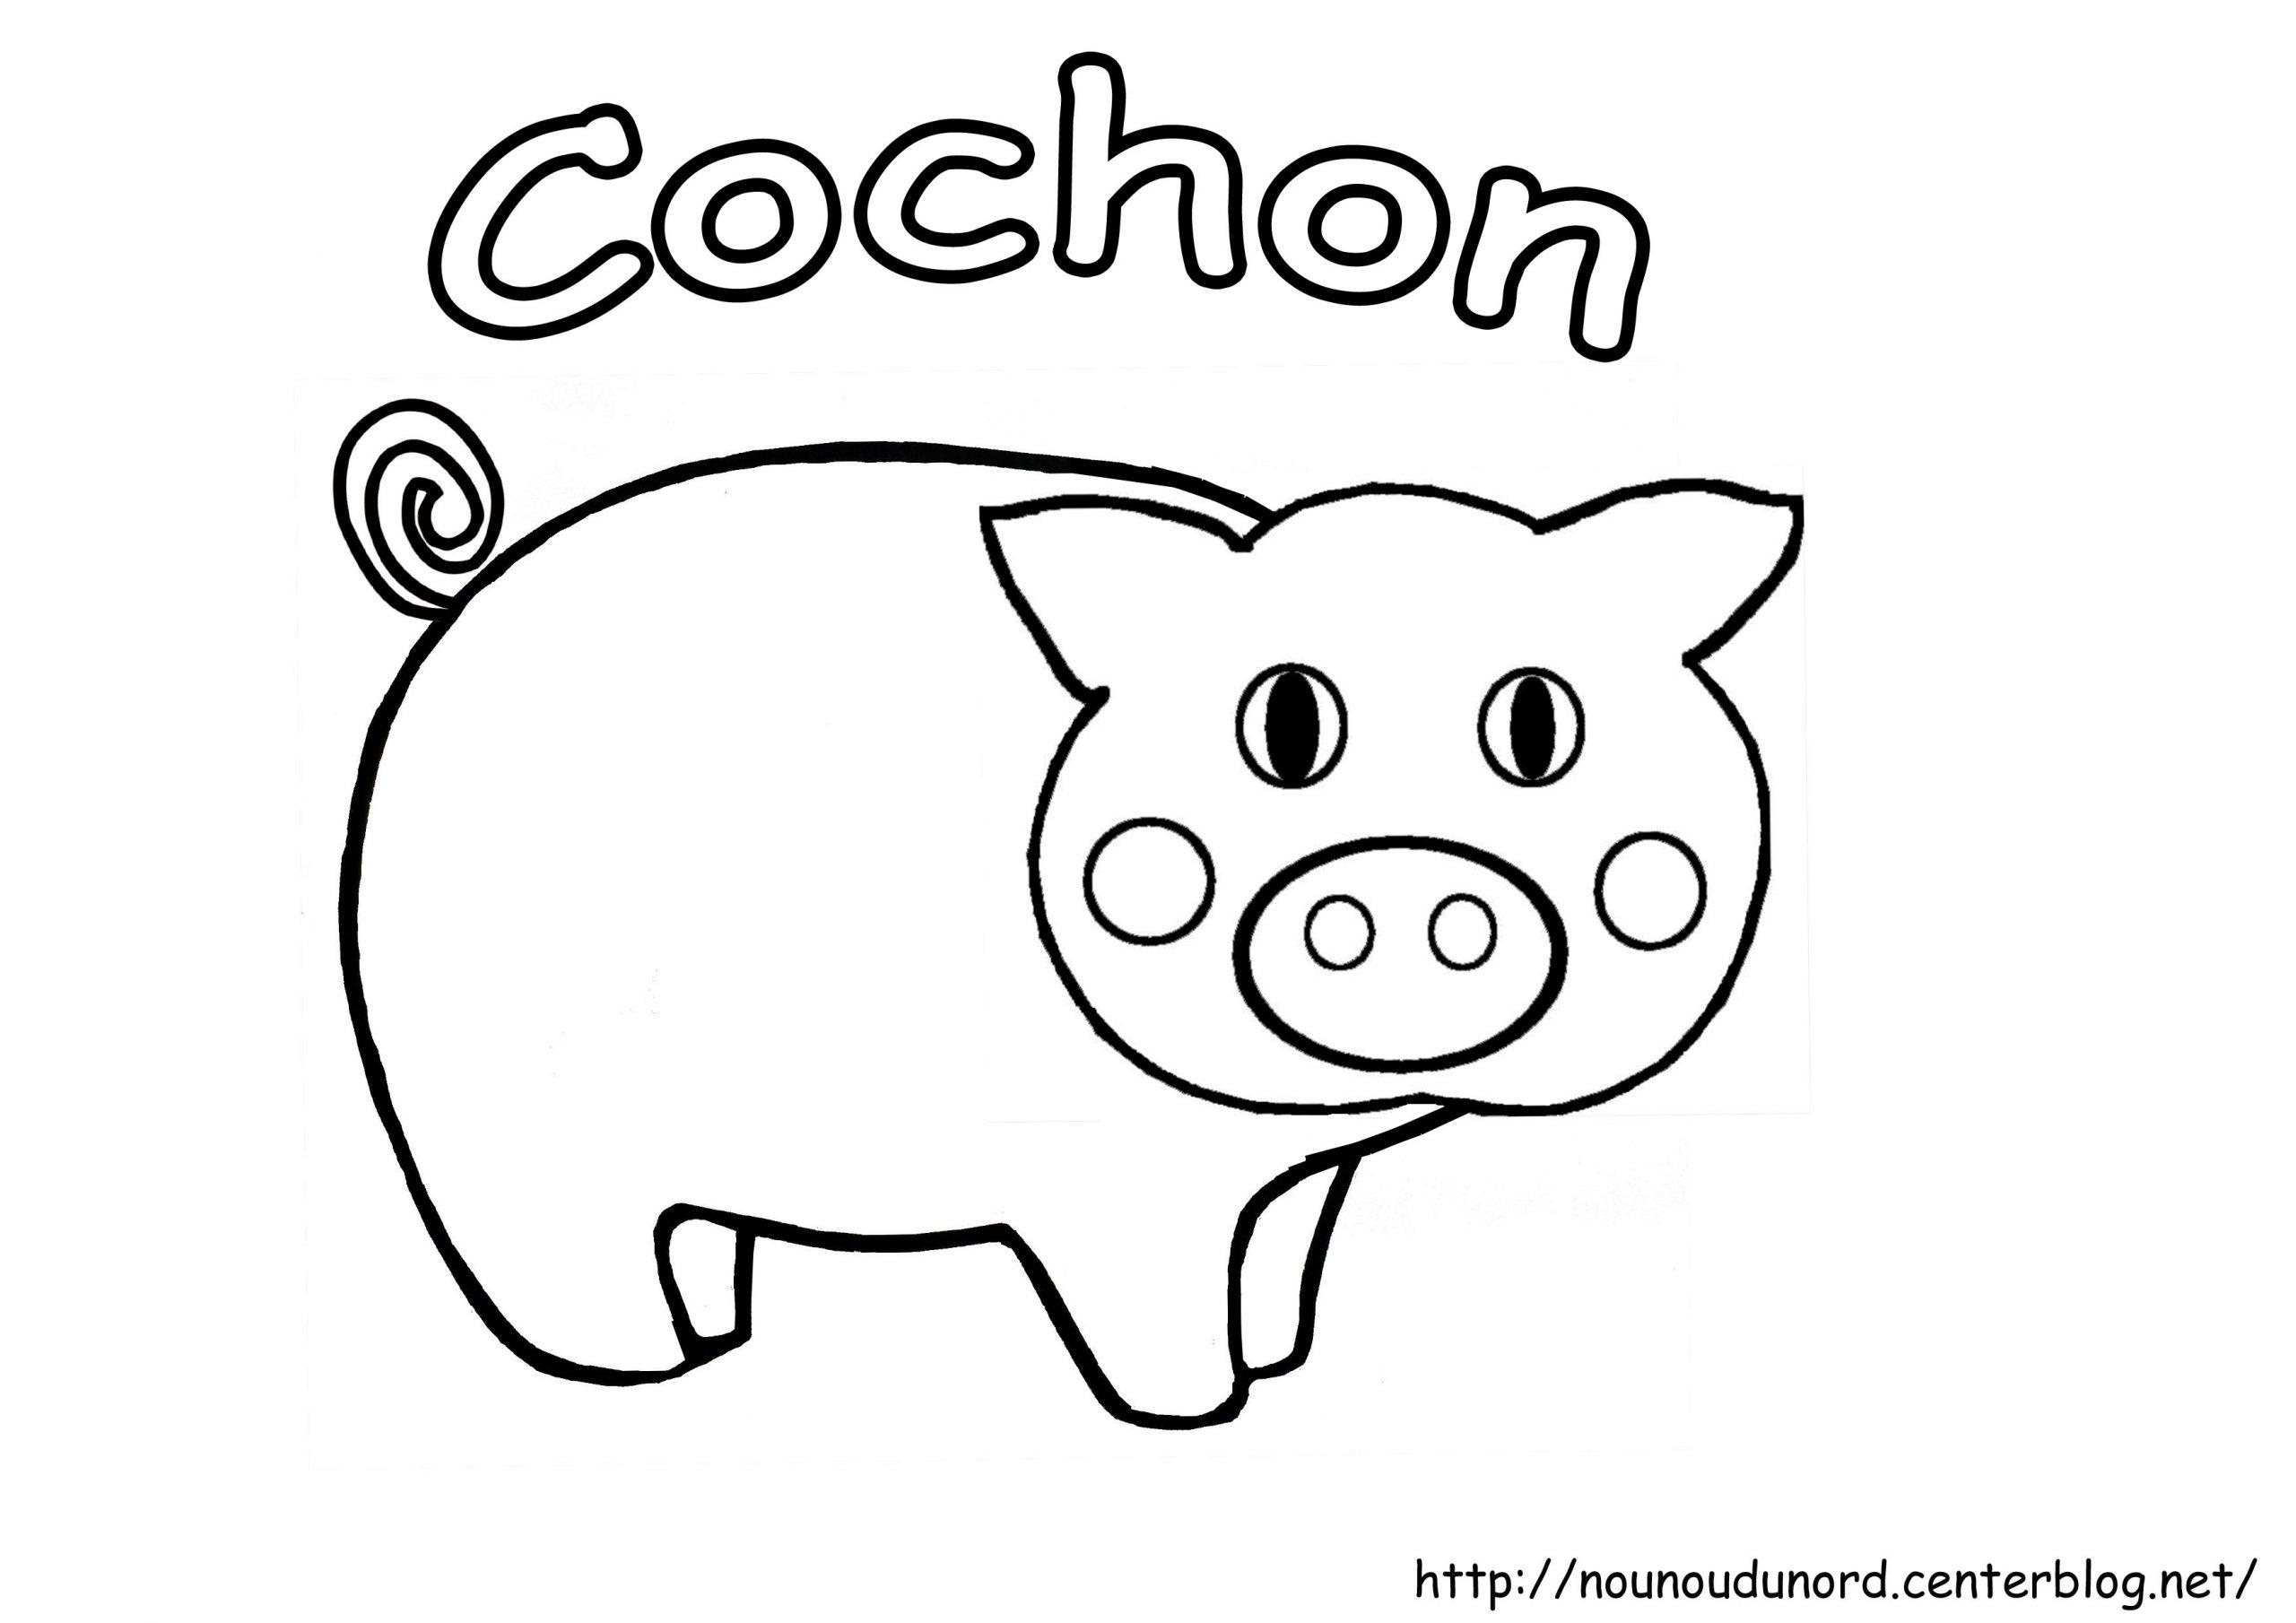 116 Dessins De Coloriage Cochon À Imprimer avec Dessin A Colorier Cochon